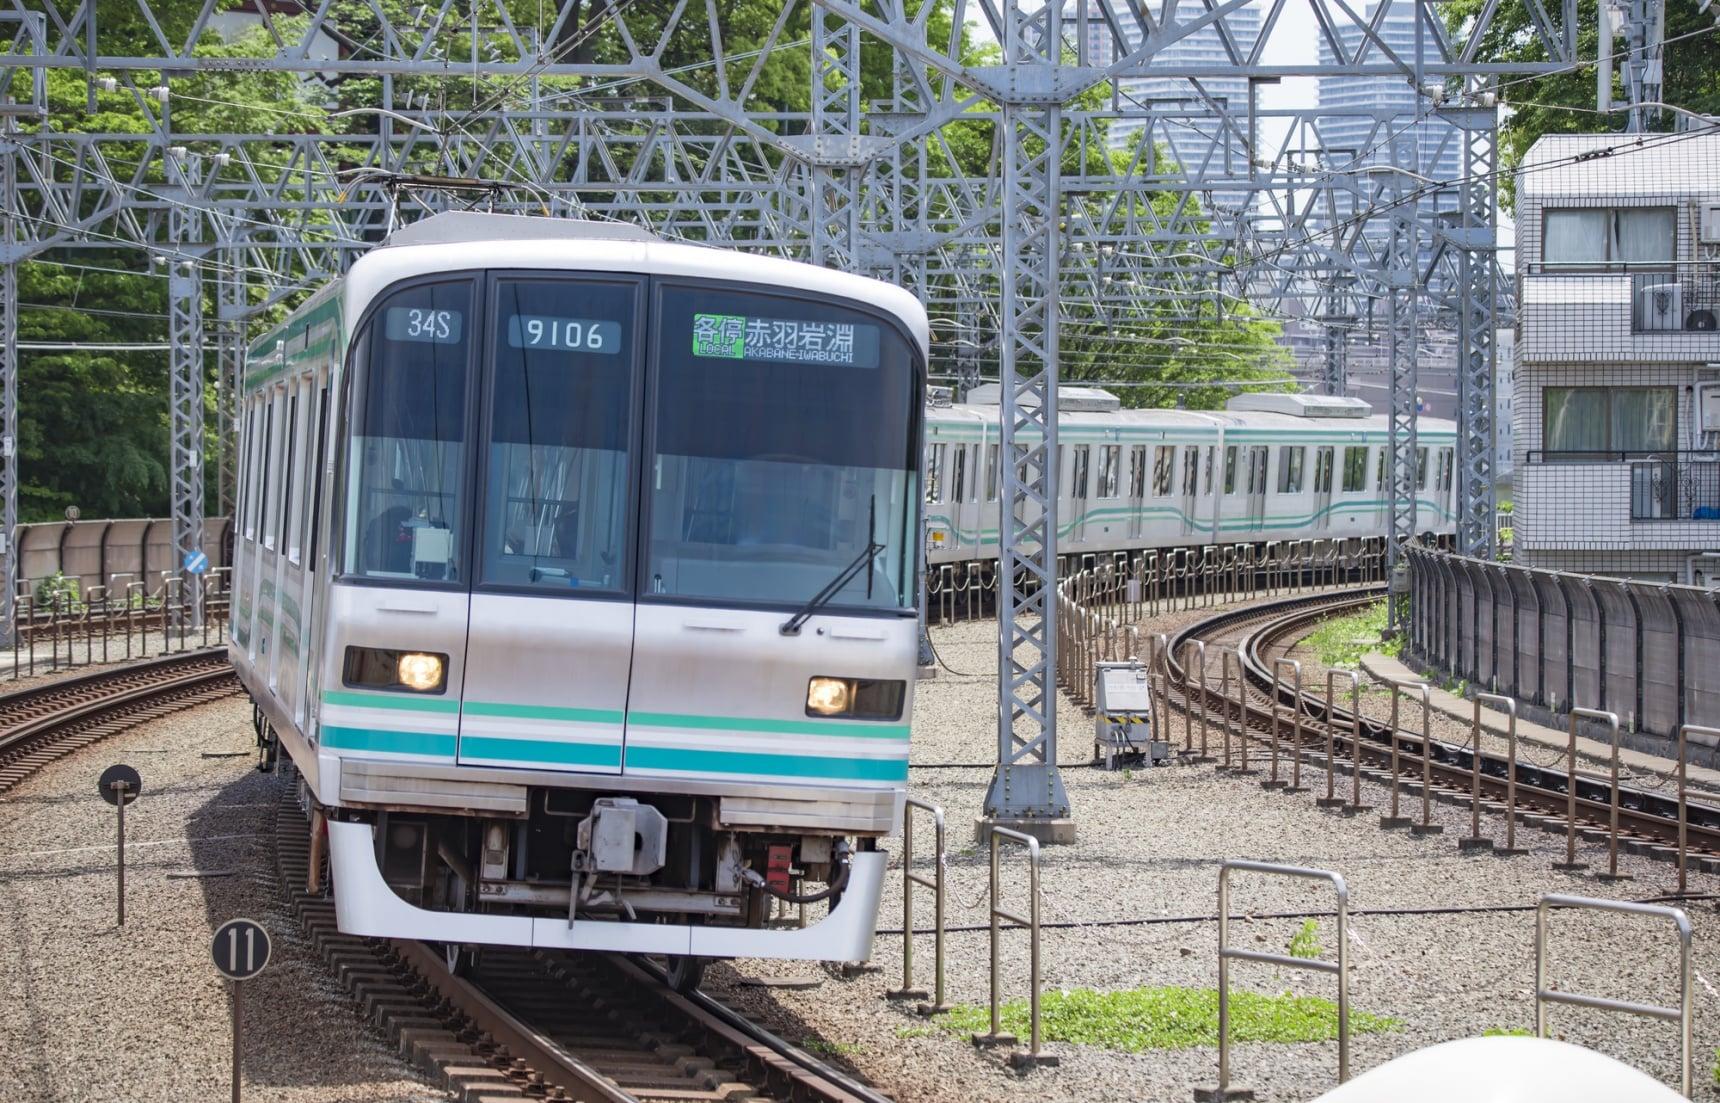 ลุยที่เที่ยวติดรถไฟสาย Namboku Line